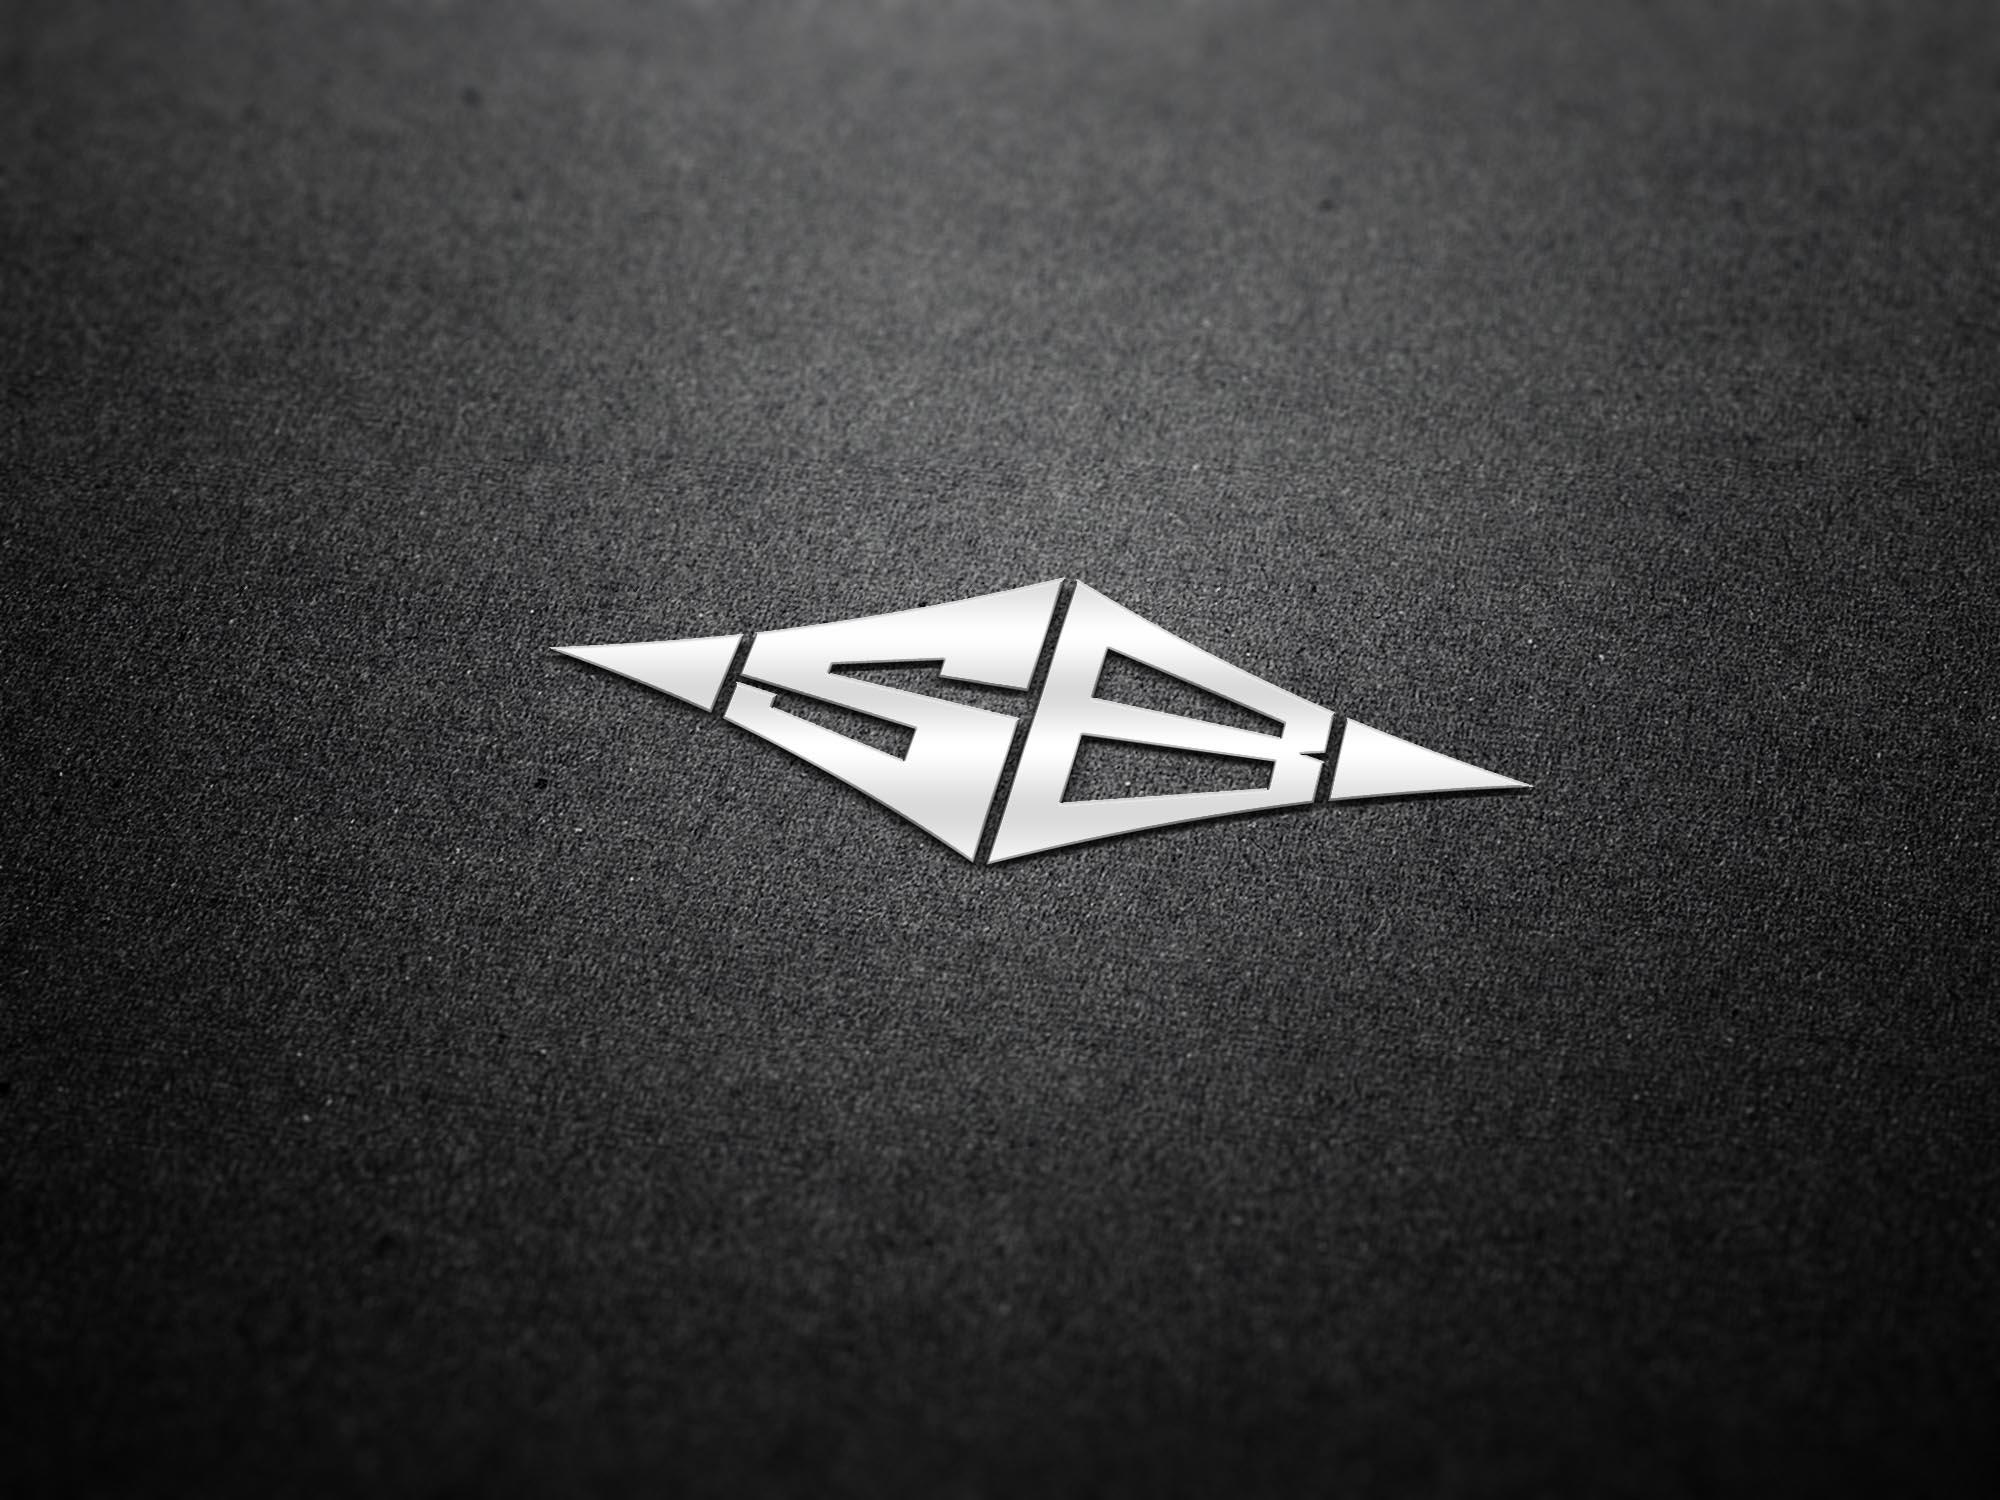 Логотип + Визитка Портала безопасных сделок фото f_226535fe4d020d70.jpg